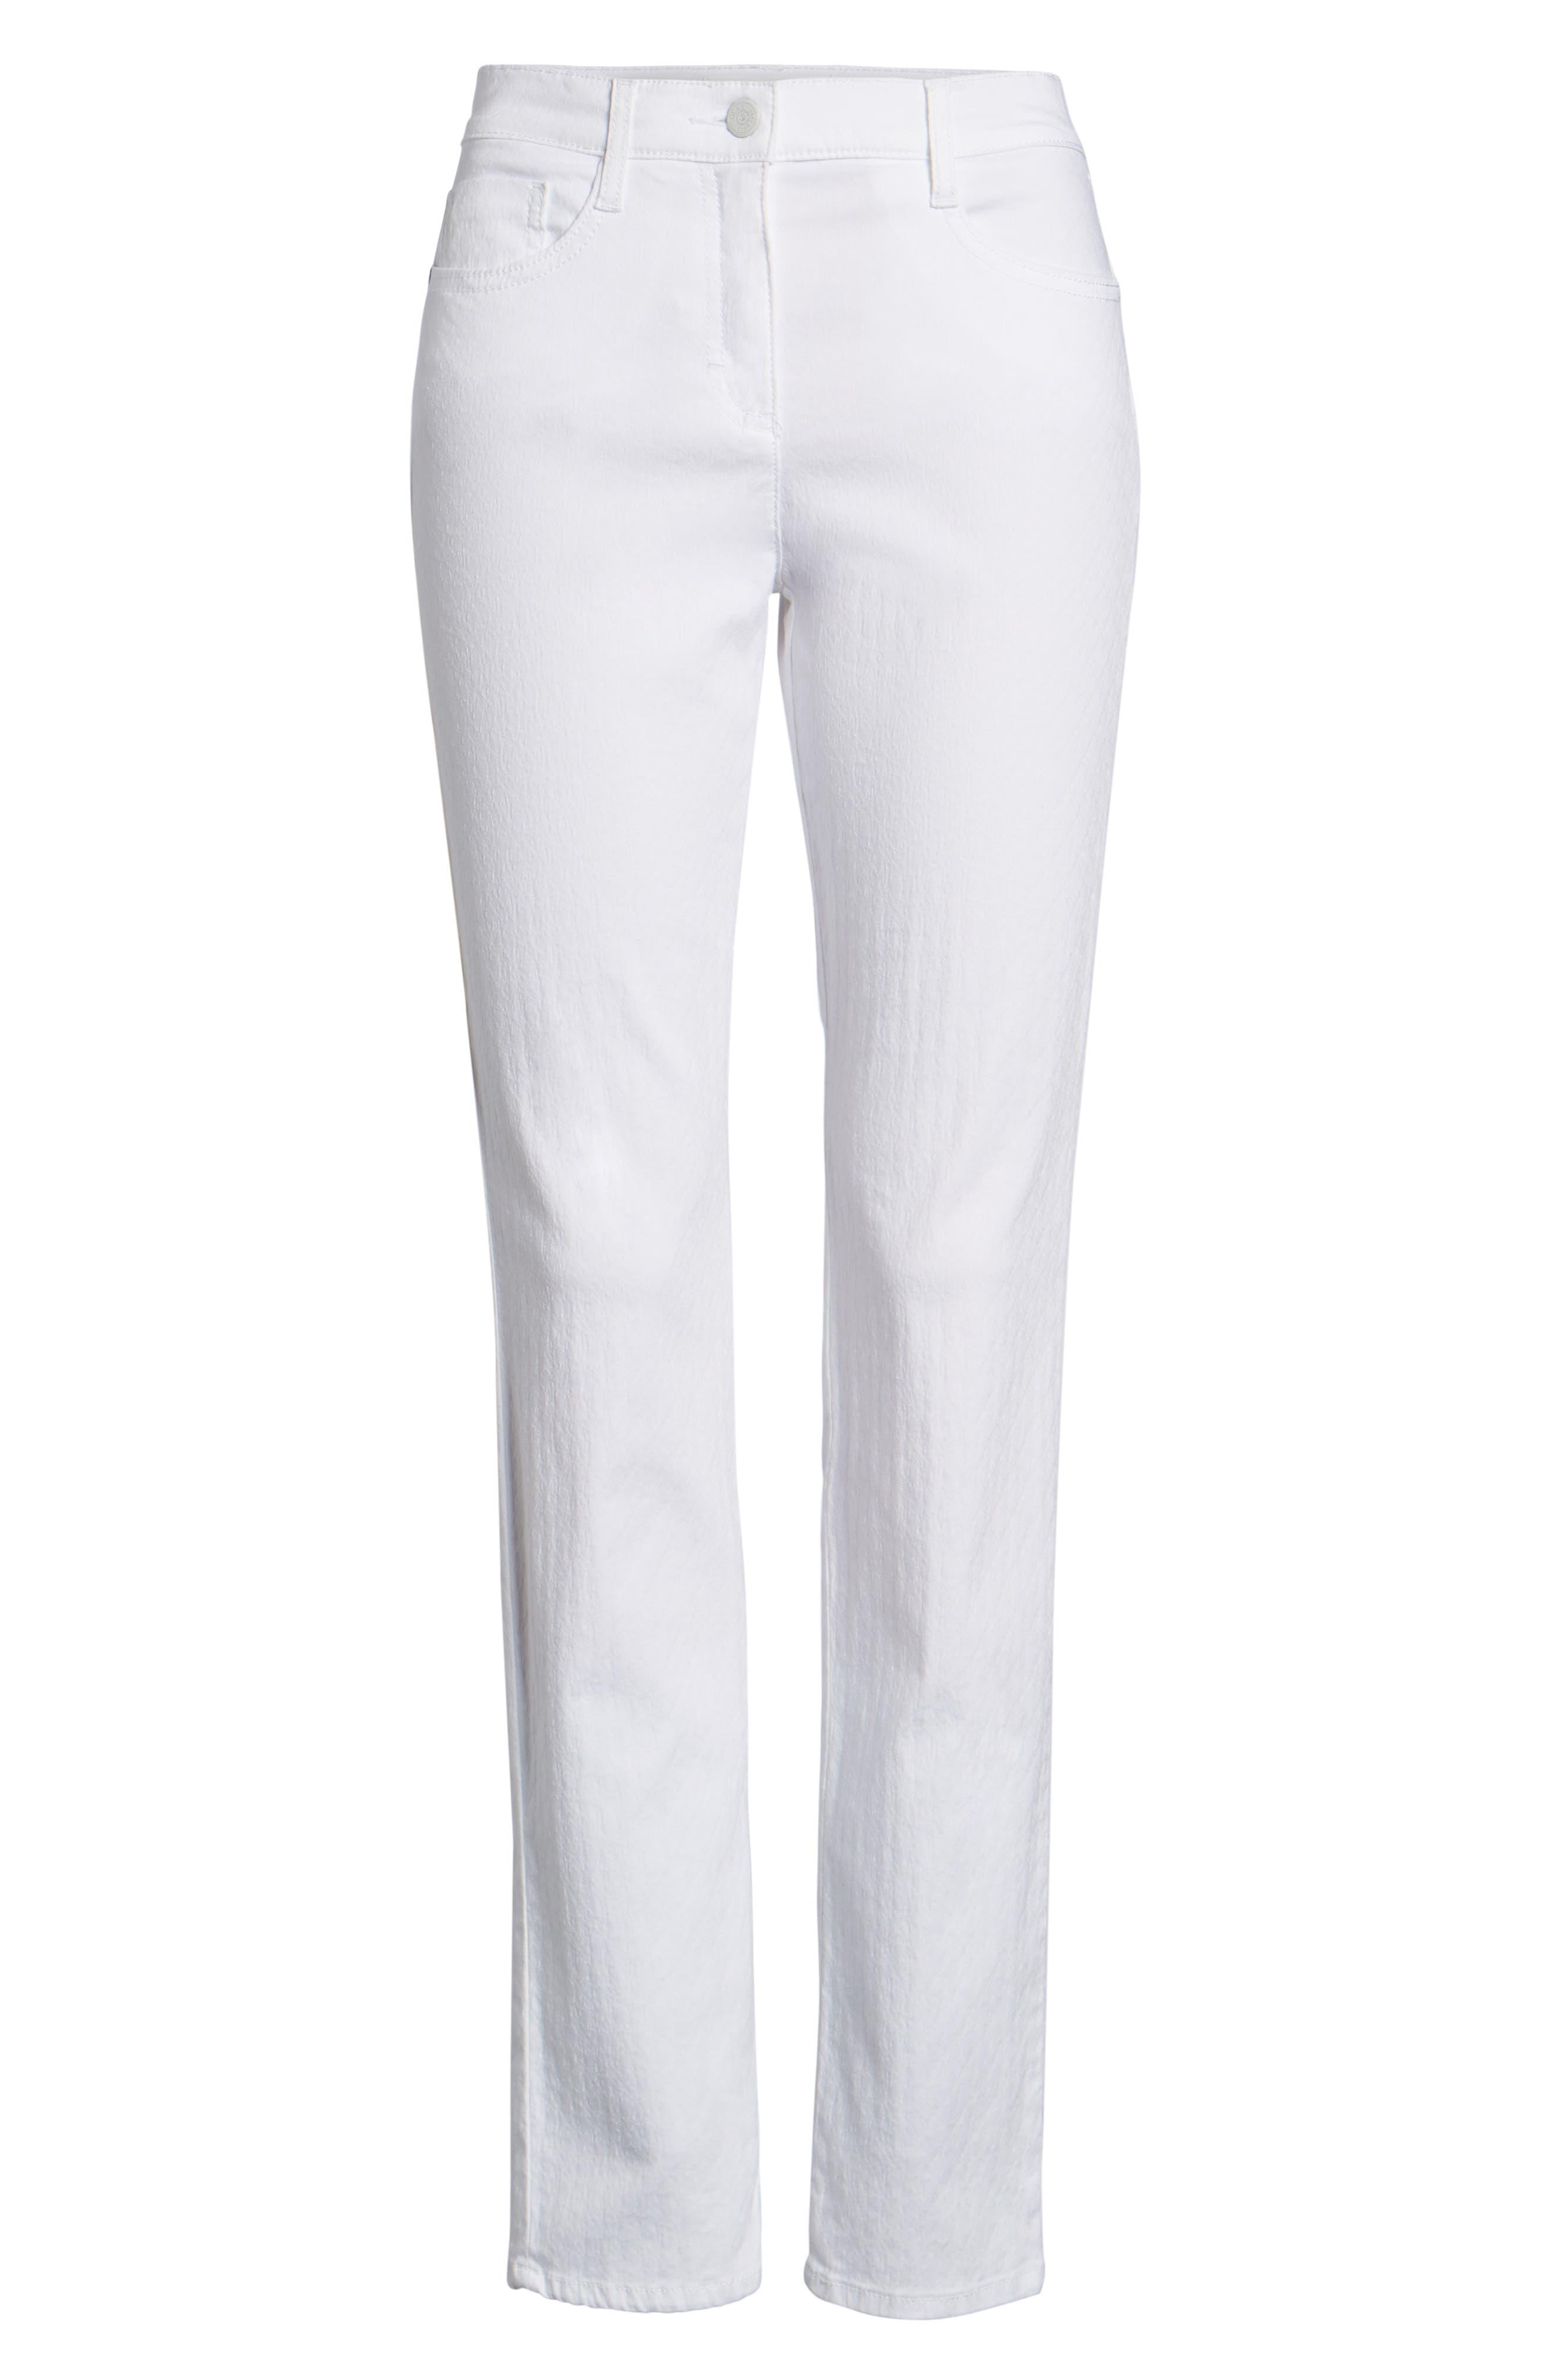 Shakira White Jeans,                             Alternate thumbnail 7, color,